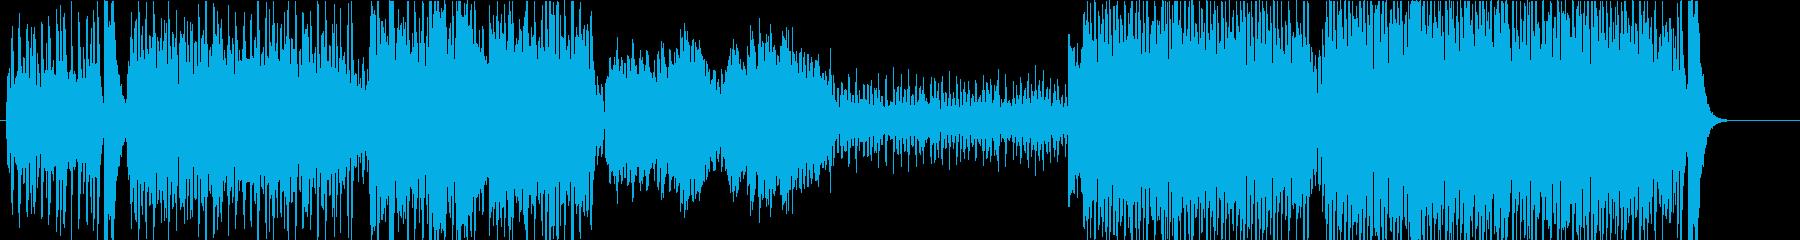 疾走感 オーケストラ 明るい ポップの再生済みの波形